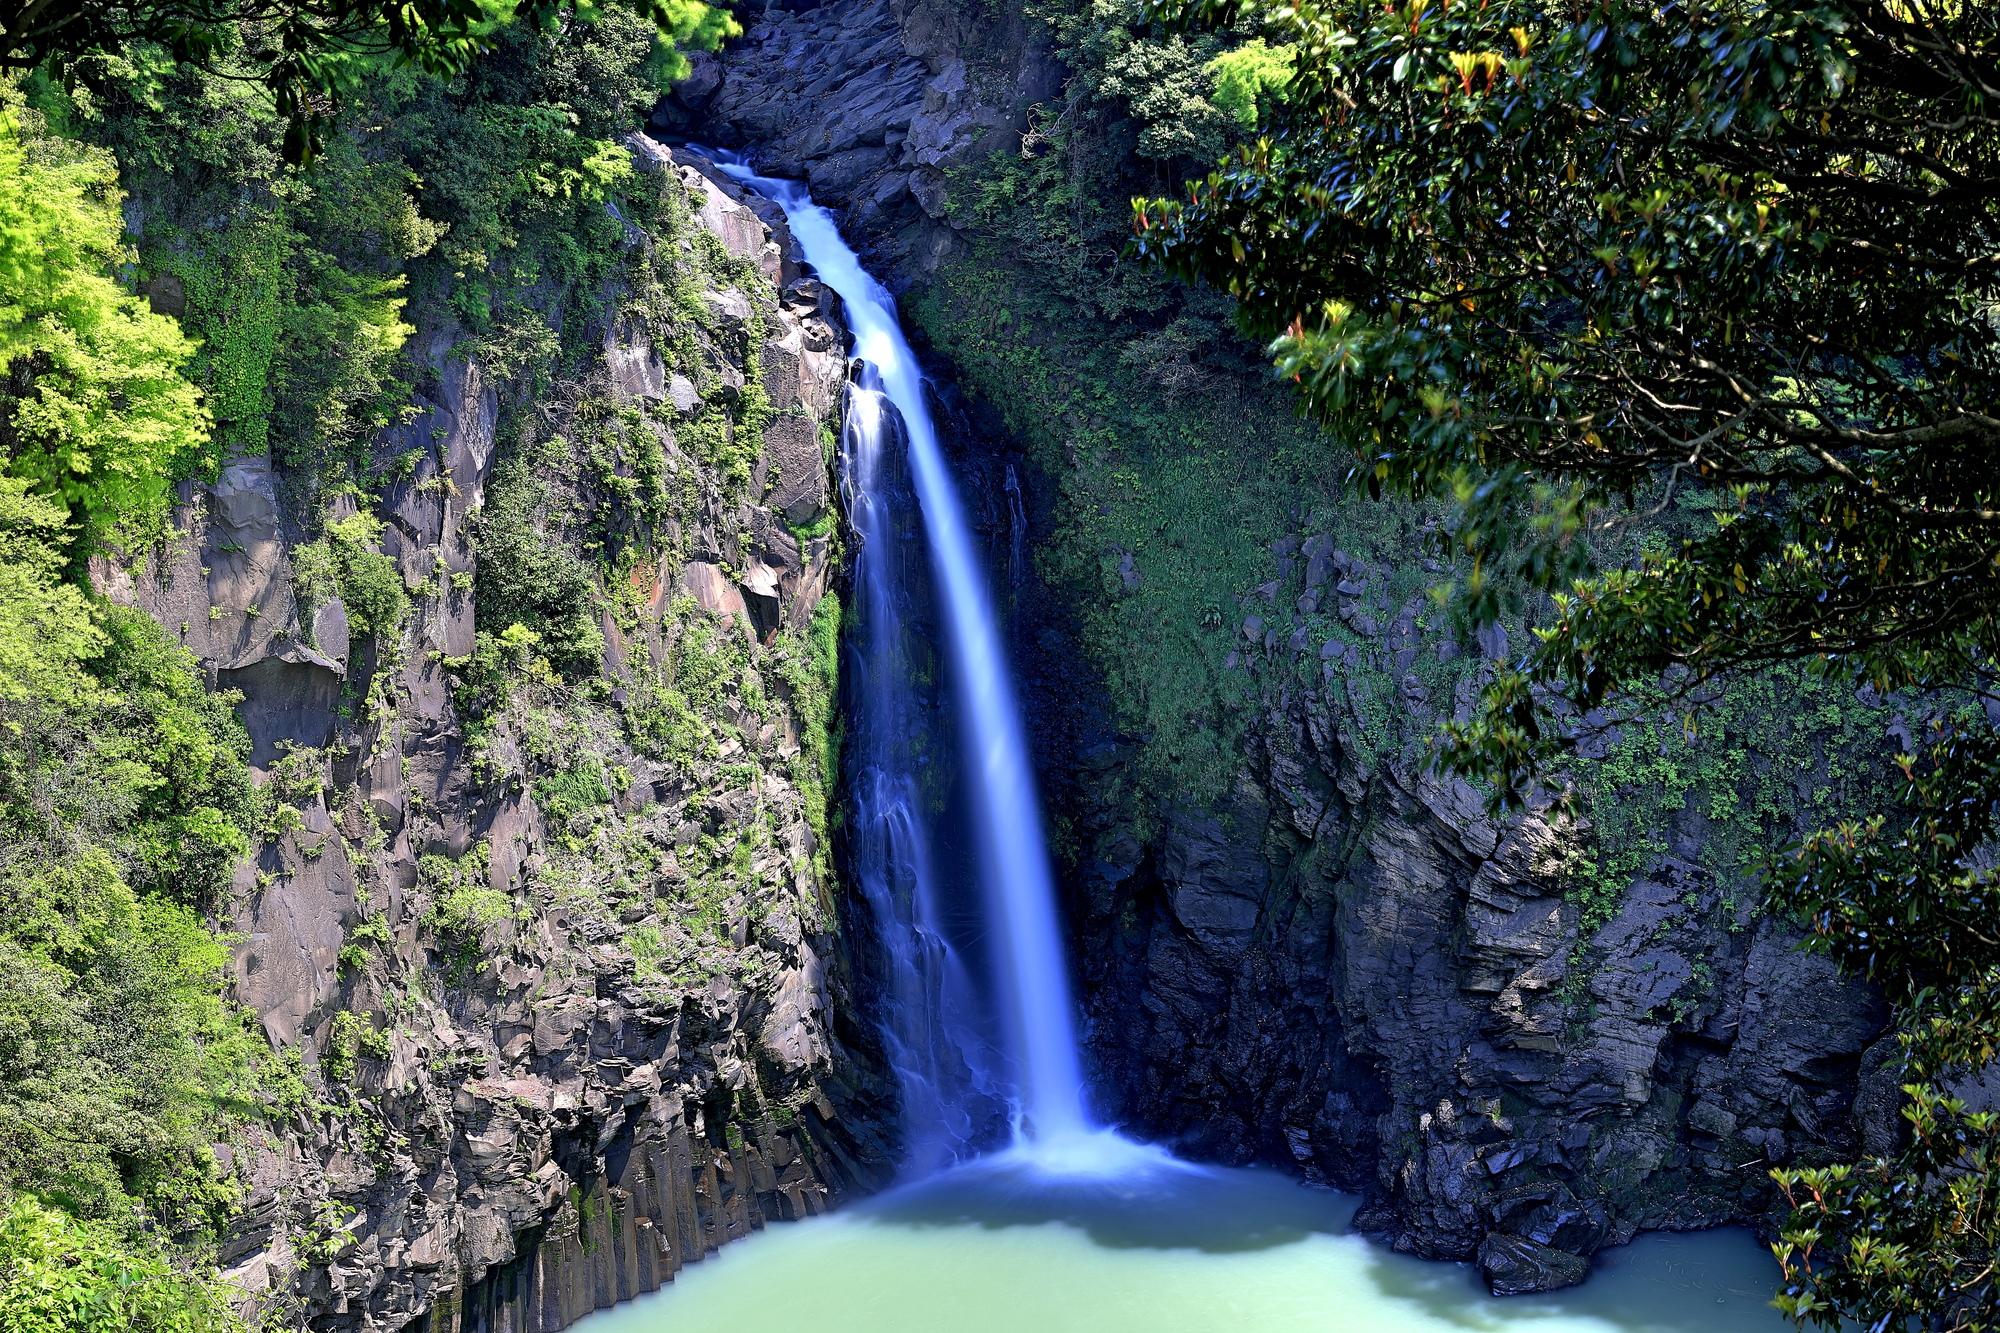 数鹿流ヶ滝(すがるがたき)